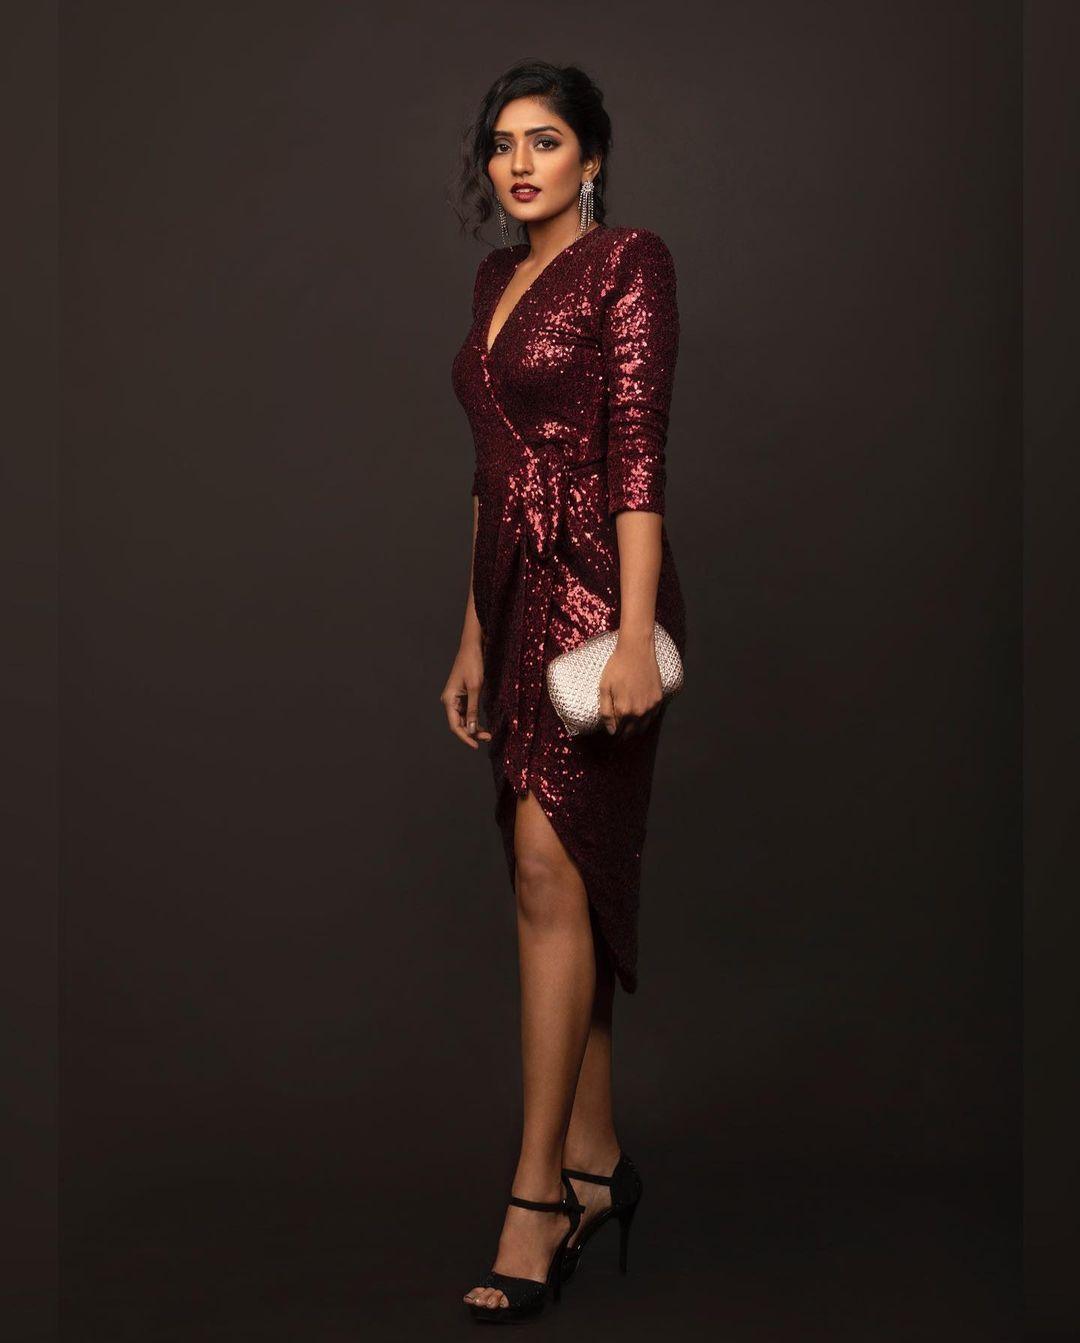 Beautiful actress Eesha Rebba in maroon sequin dress.  2021-08-08